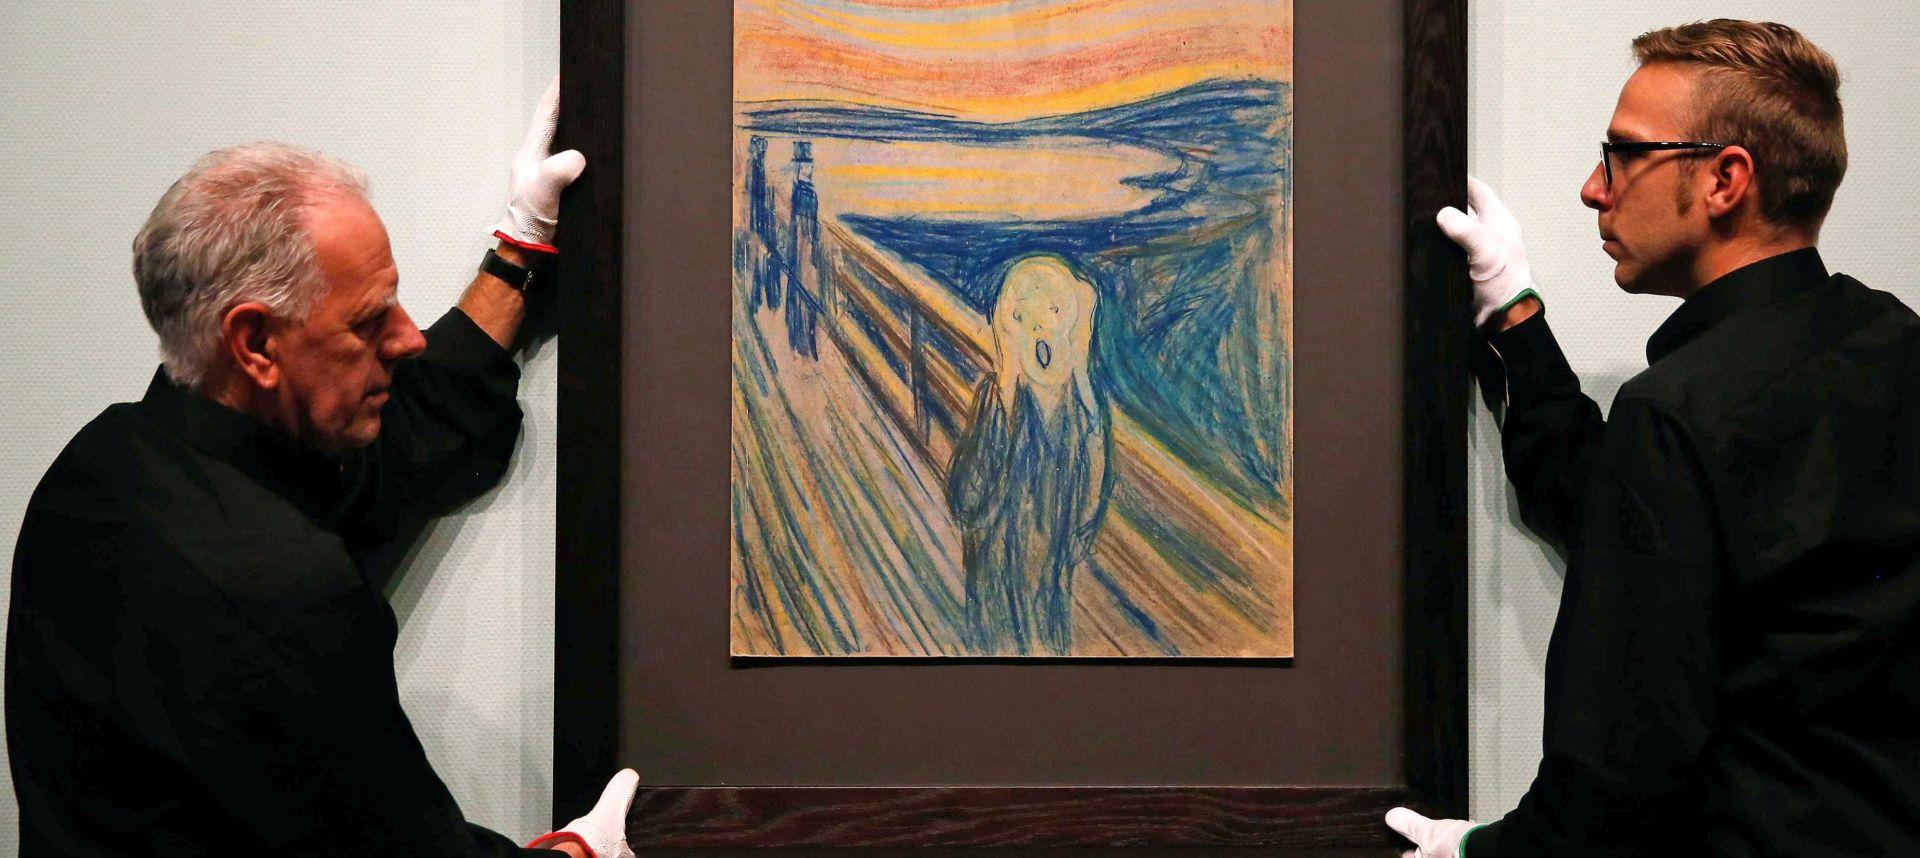 NESPOKOJ I MELANKOLIJA Djela Edvarda Muncha u bečkoj Albertini